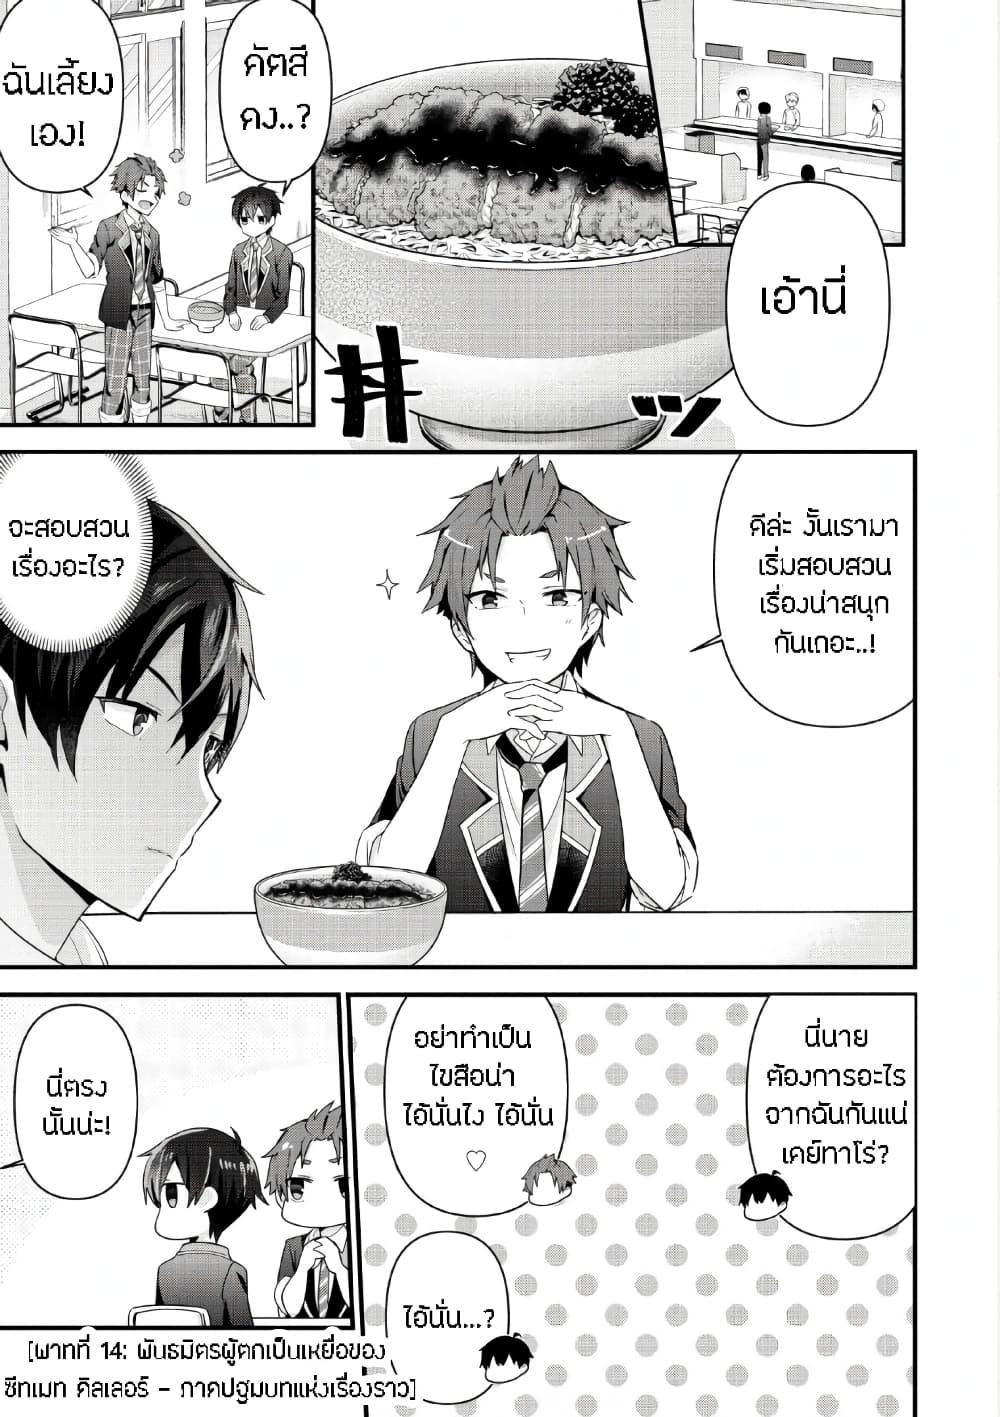 อ่านการ์ตูน Tonari no Seki ni Natta Bishoujo ga Horesaseyou to Karakatte Kuru ga Itsunomanika Kaeriuchi ni Shite Ita ตอนที่ 4 หน้าที่ 1